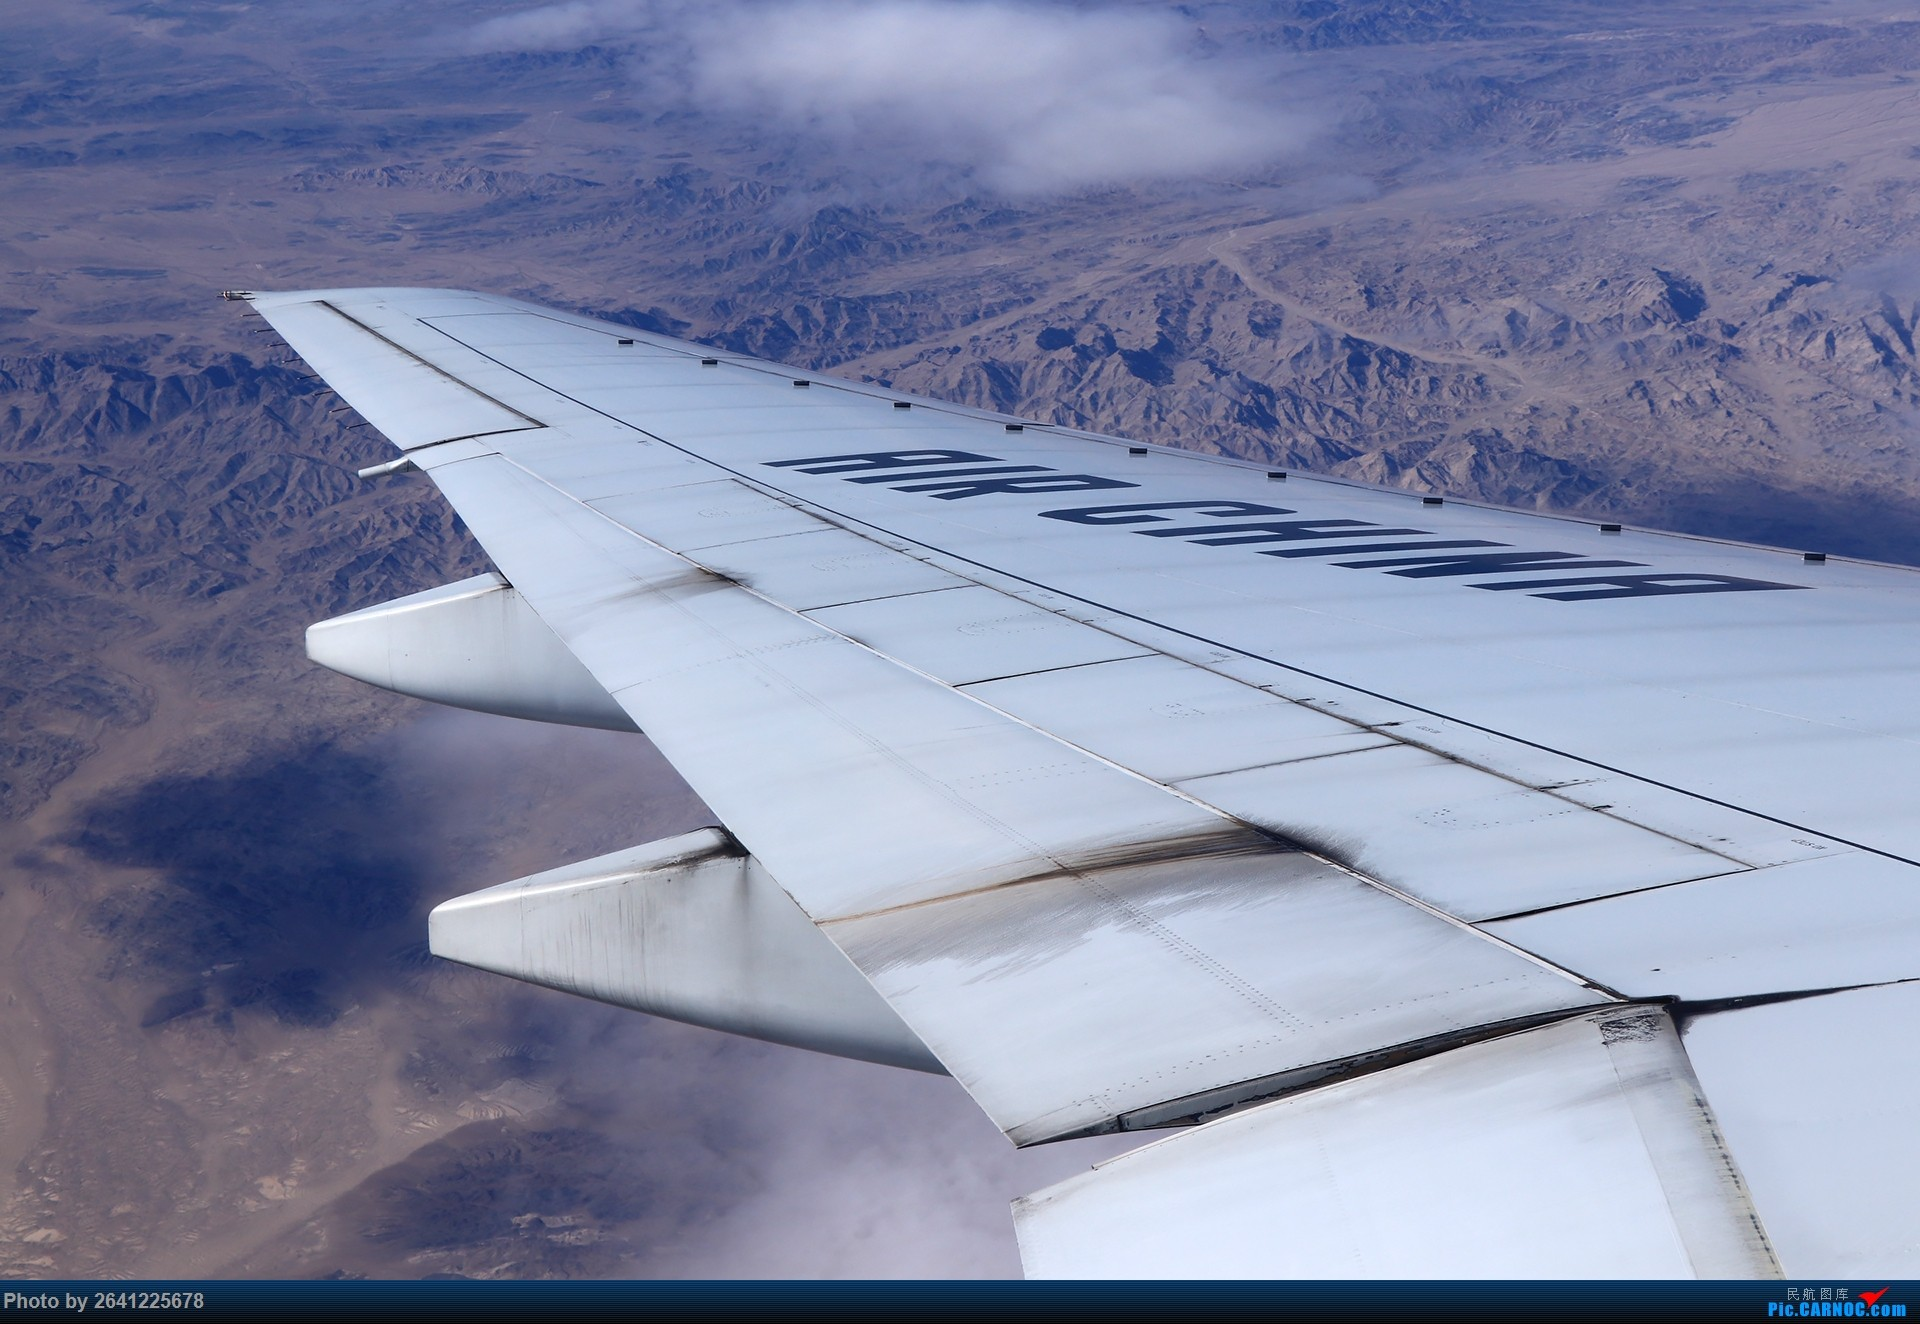 Re:[原创]【小周游记第7集】初识新疆 | 美图po~ 穿越准噶尔盆地以及翠绿富饶的阿勒泰,北疆小环线8日(附国航772初体验)更新至喀纳斯部分 BOEING 777-200 B-2069 中国乌鲁木齐地窝堡国际机场